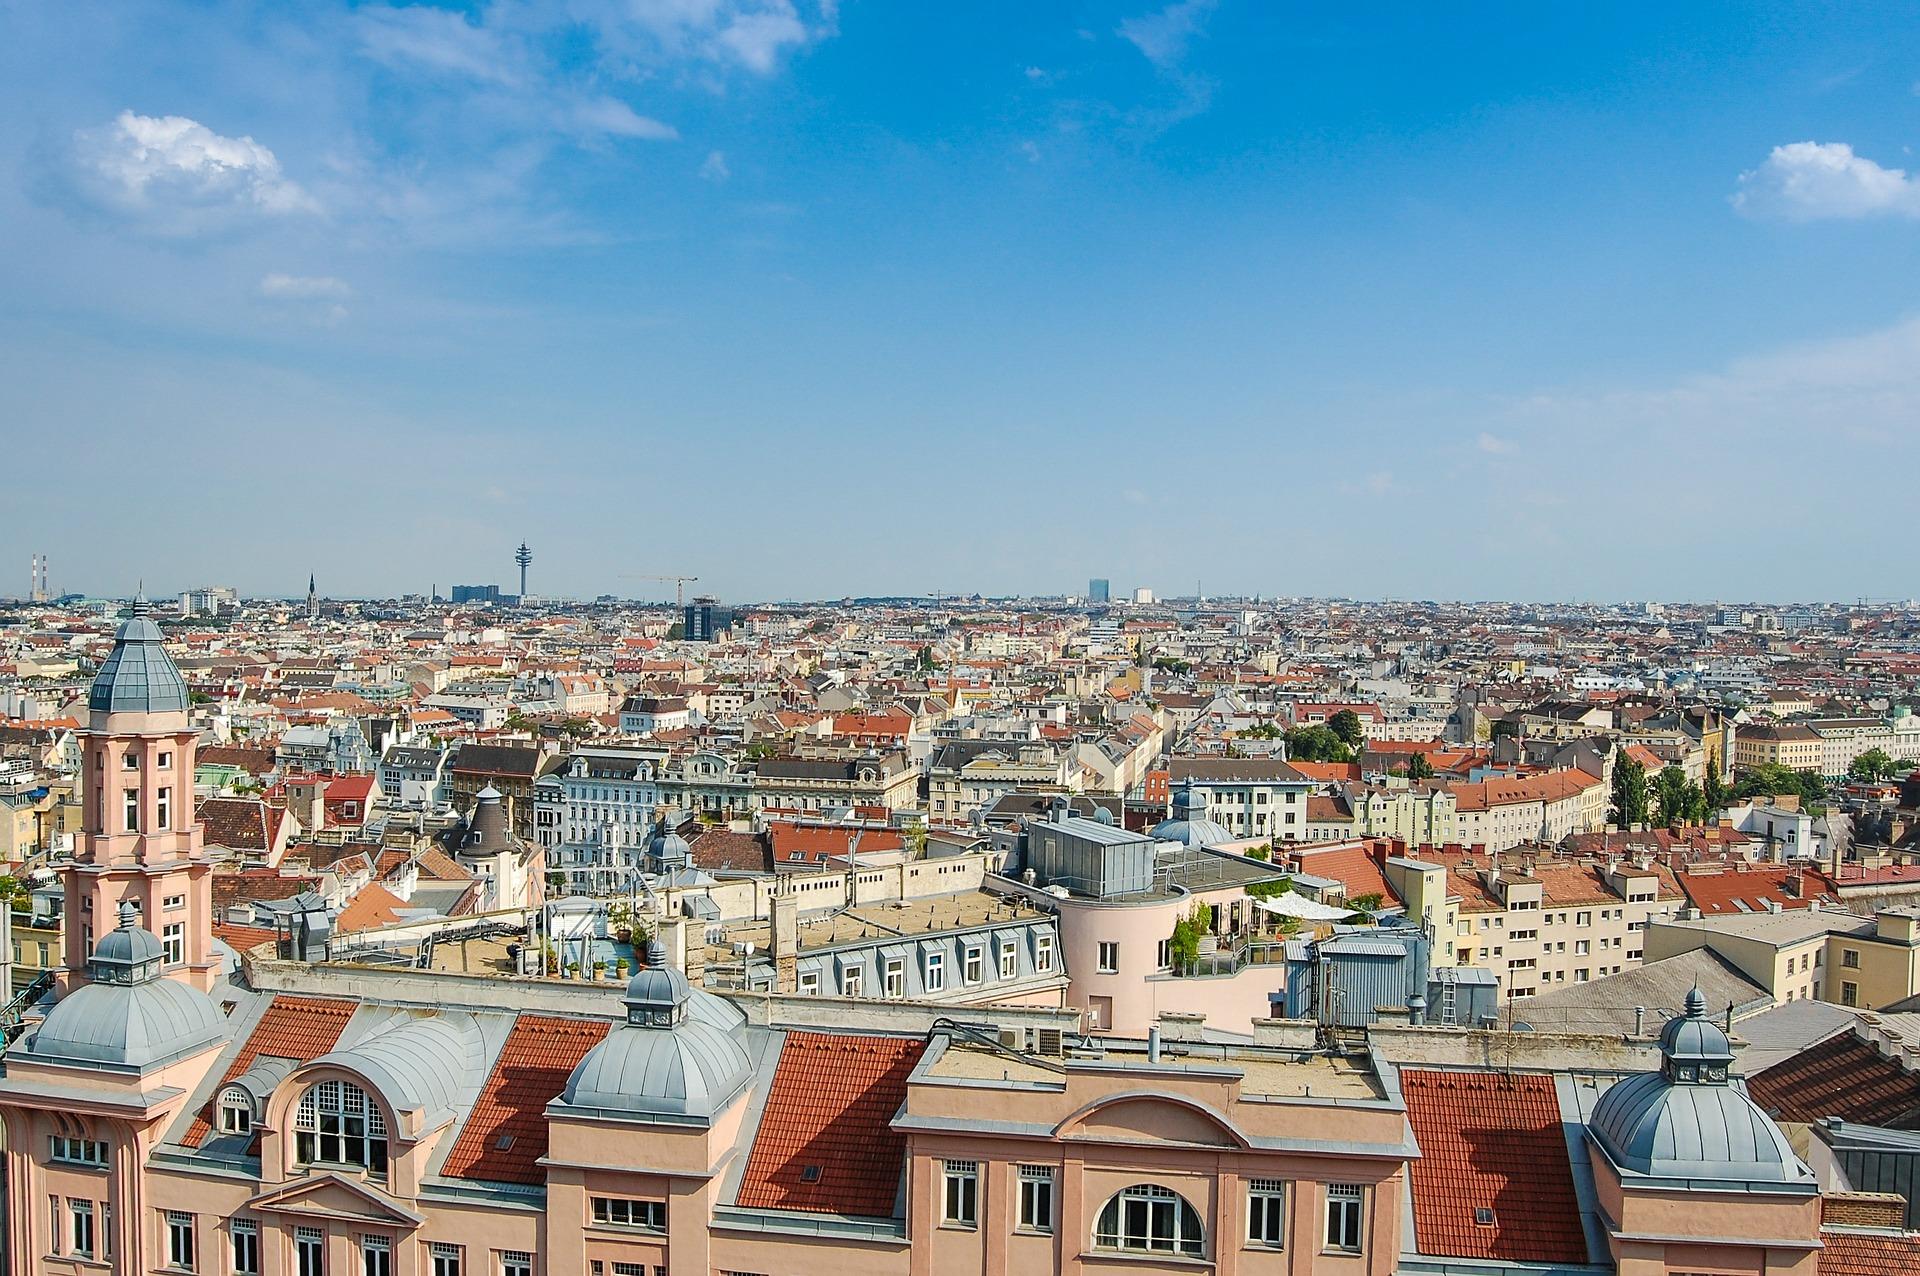 Купить недвижимость в вене работа в чехии отзывы 2019